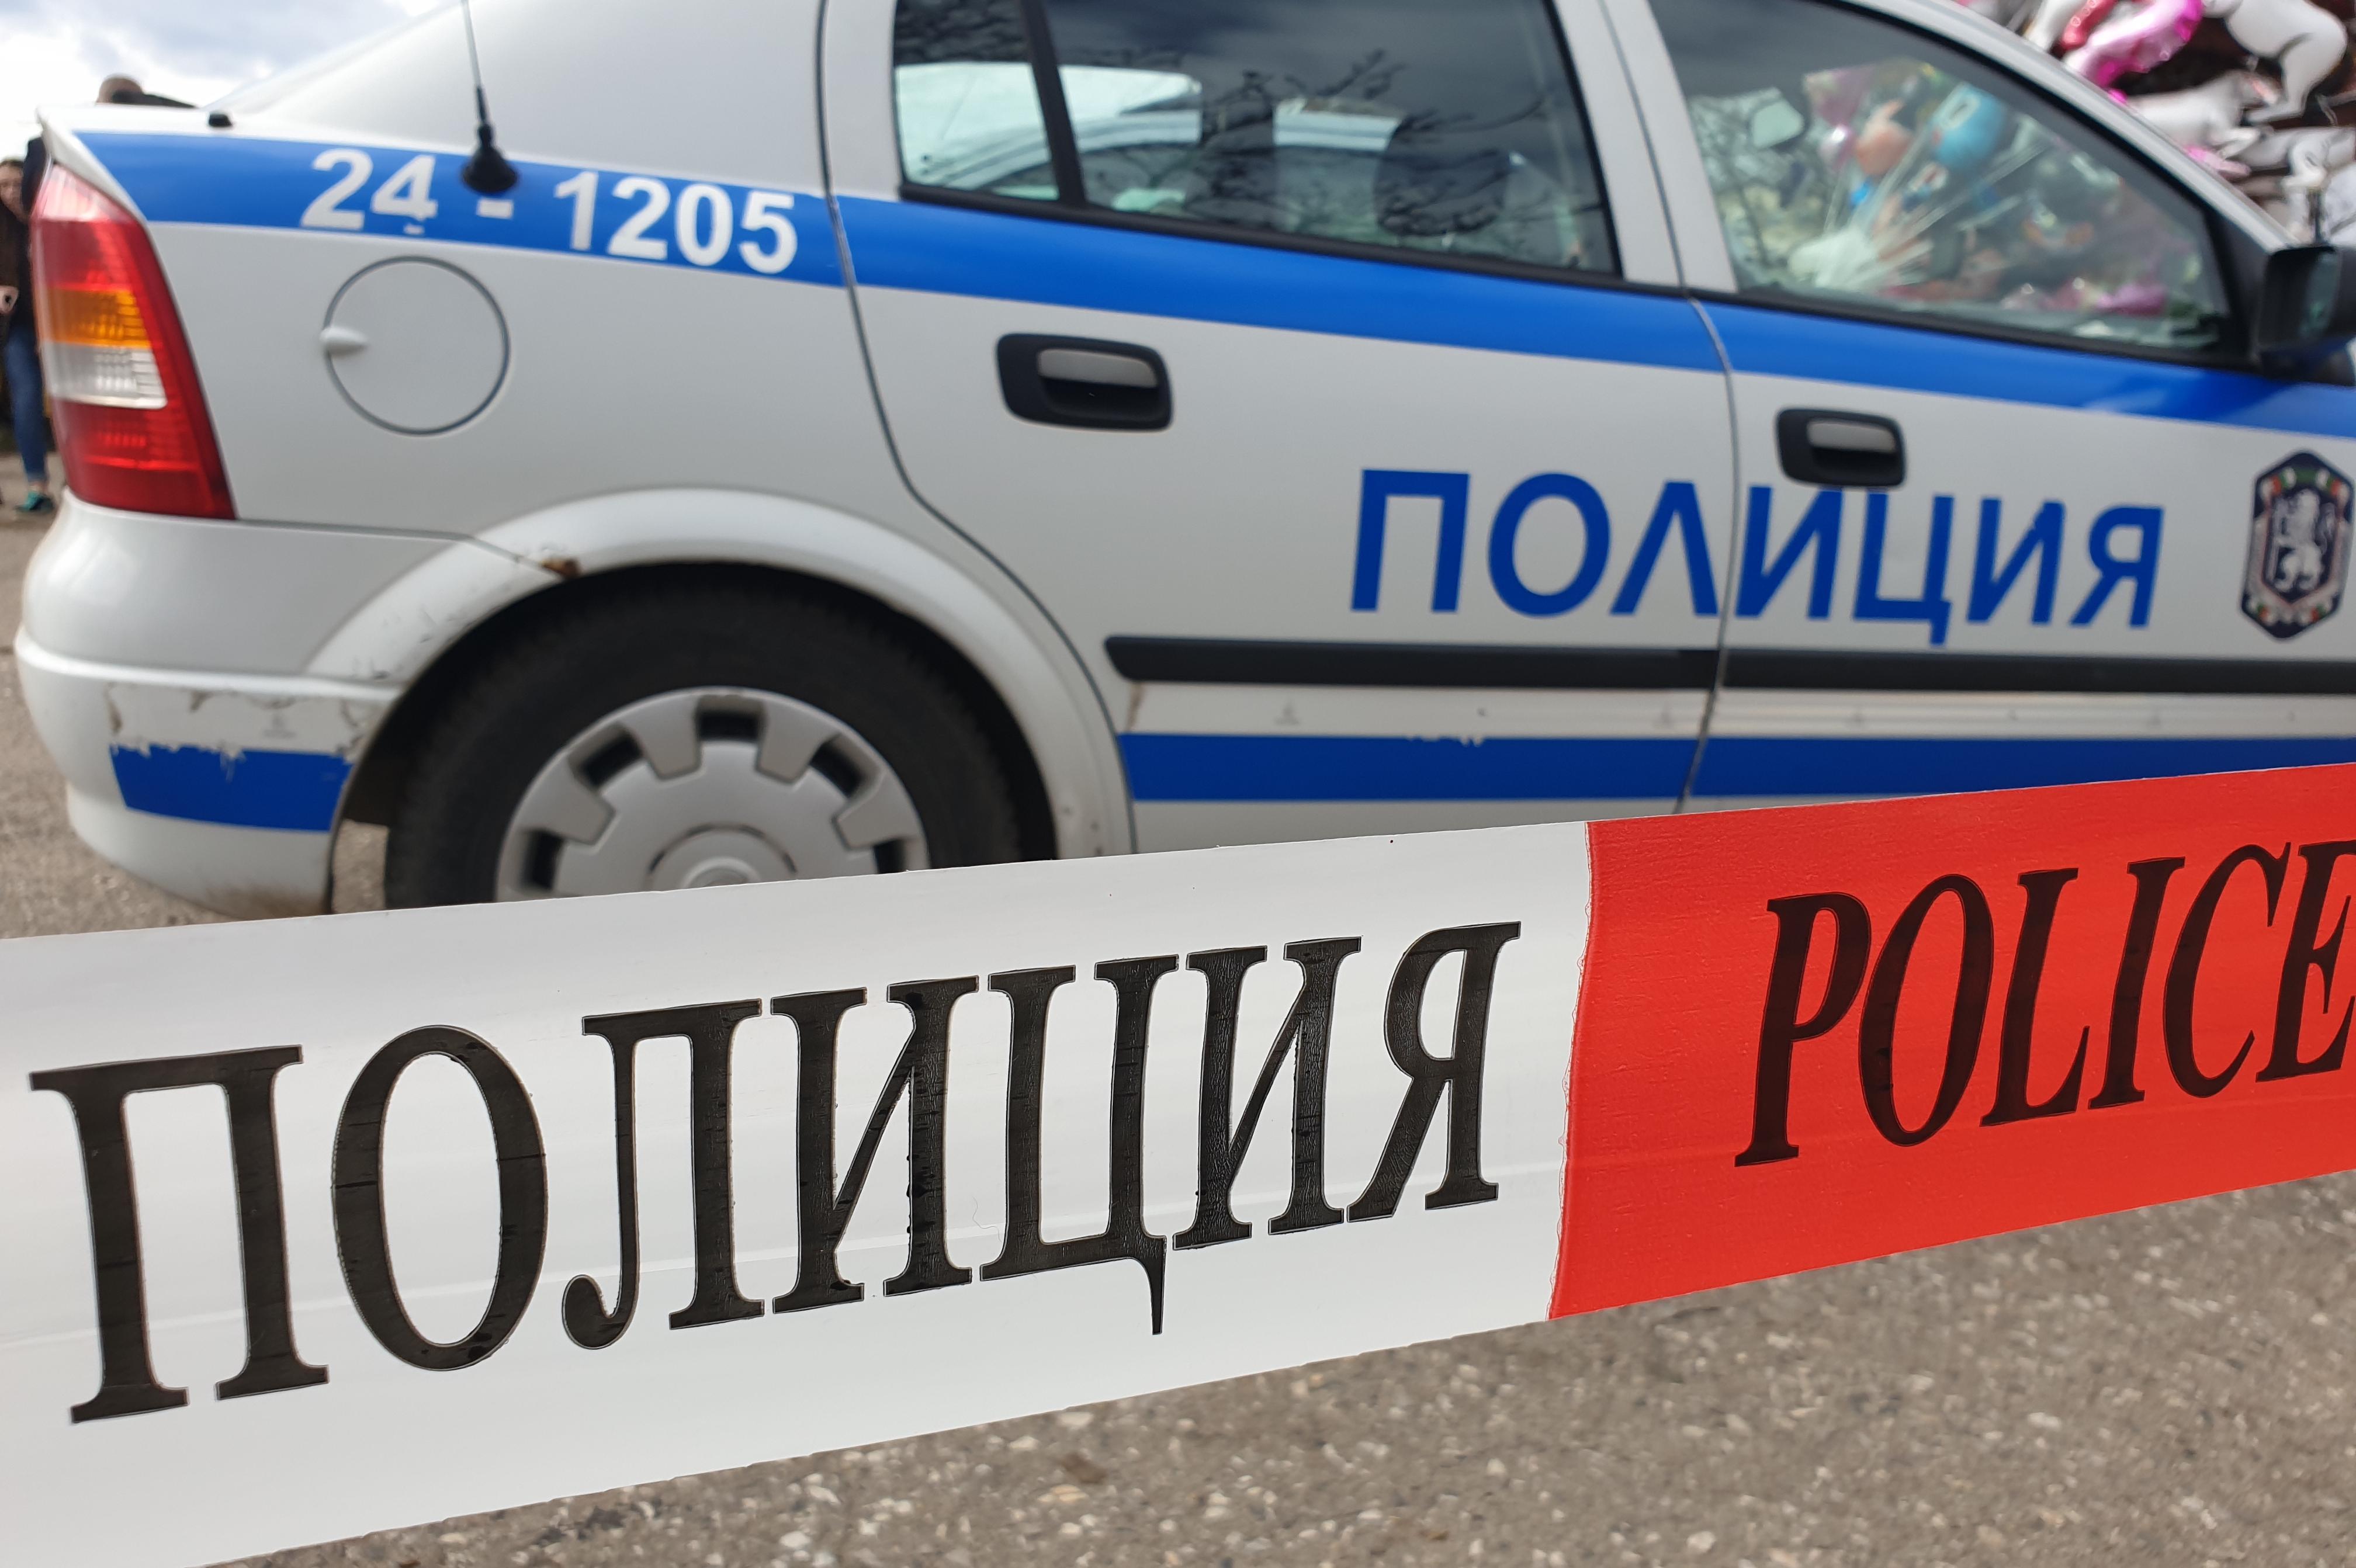 Кола се удари челно в самосвал между селата Хераково и Храбърско, един почи